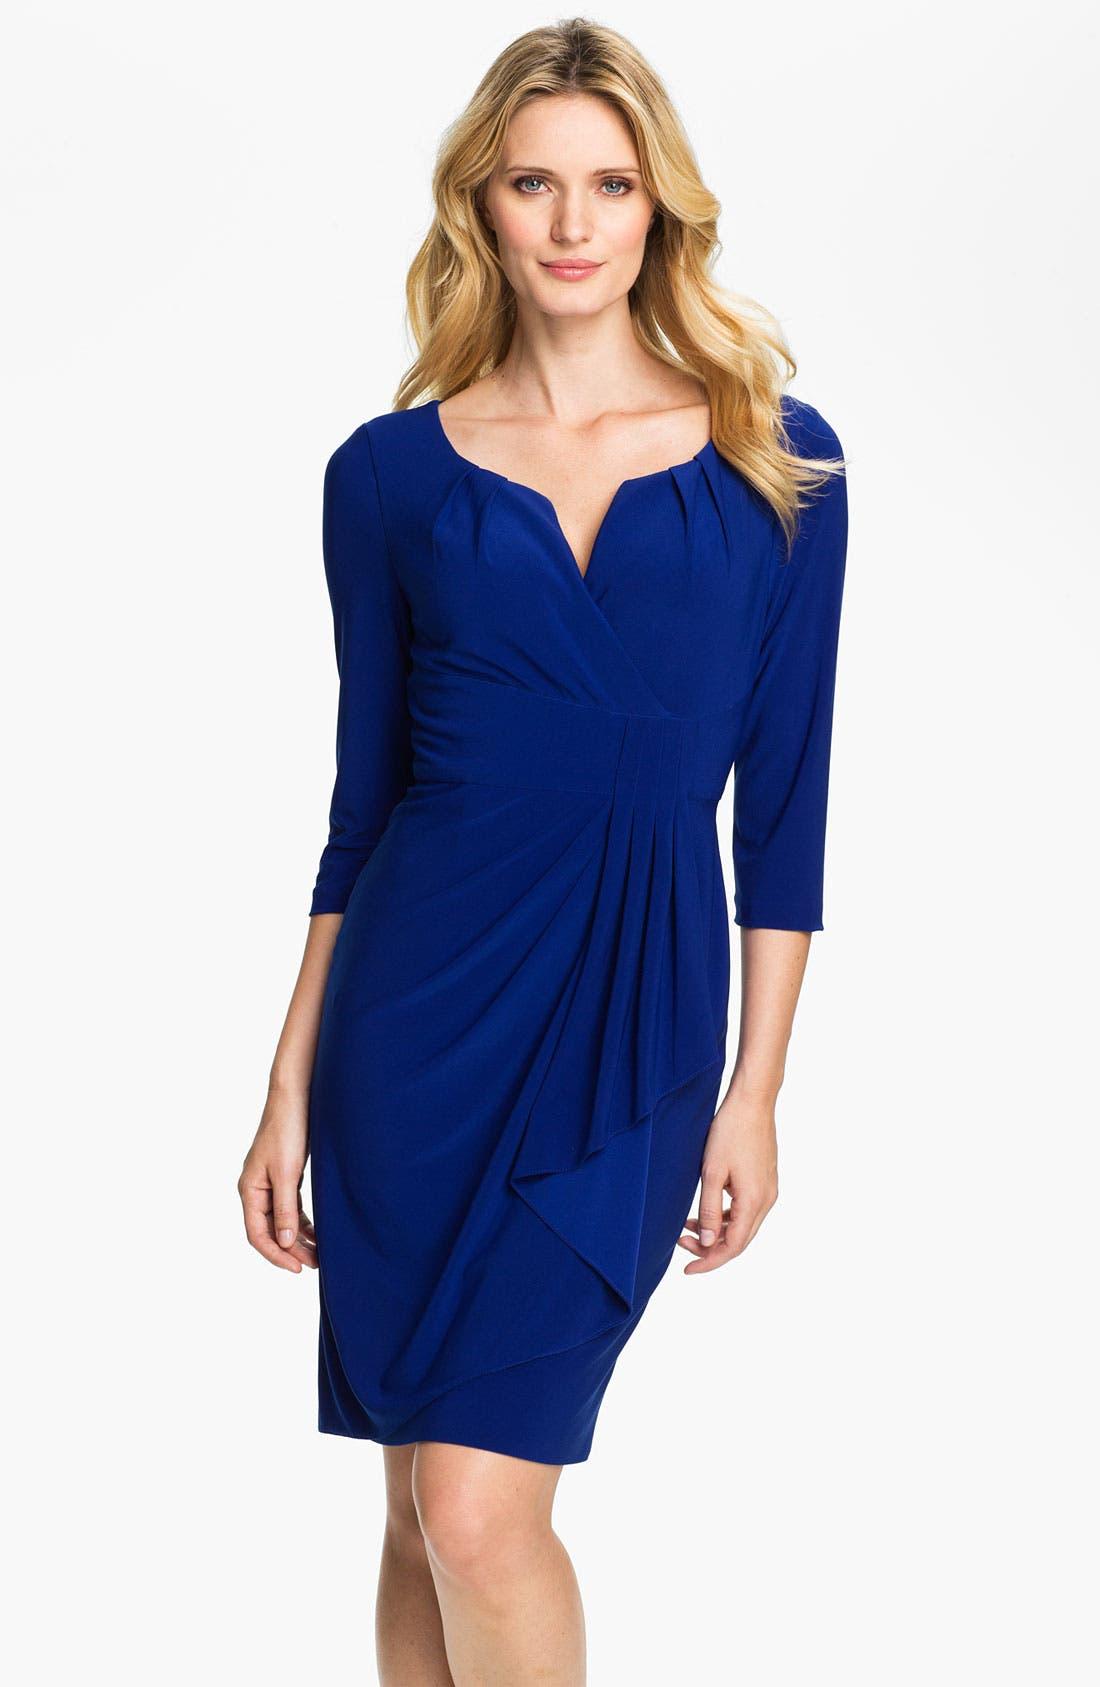 Main Image - Adrianna Papell Side Drape Surplice Dress (Petite)